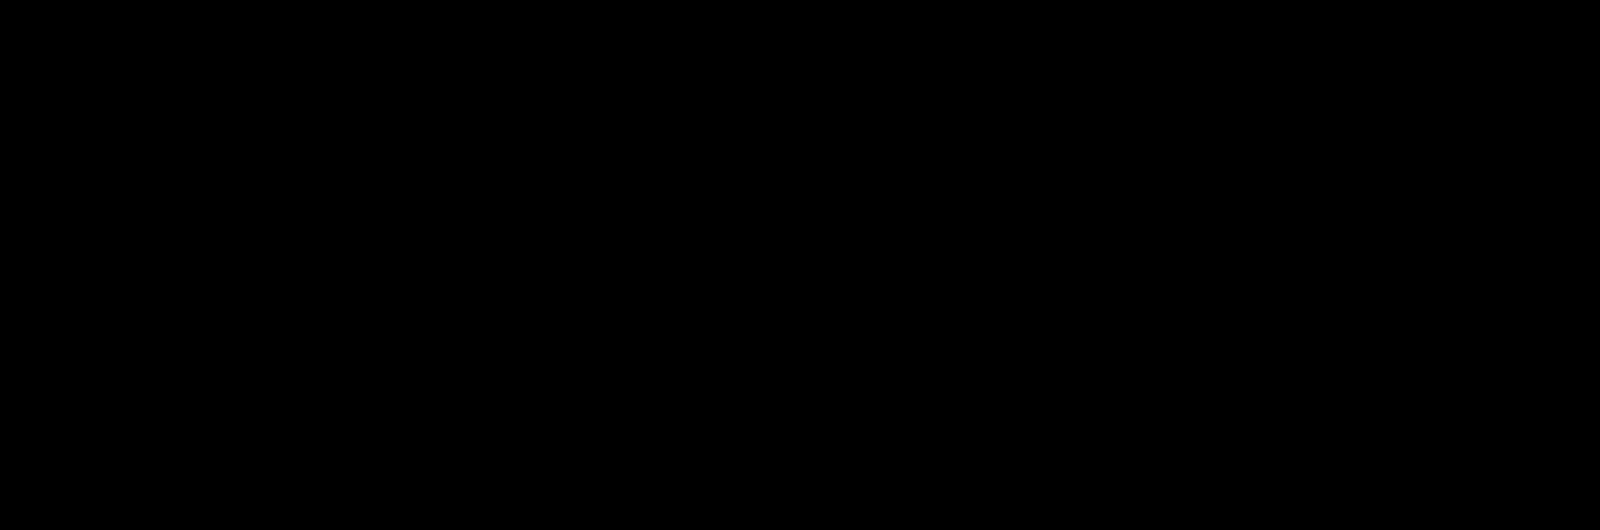 Joker clipart symbol batman Dark Clipart knight dark clipart